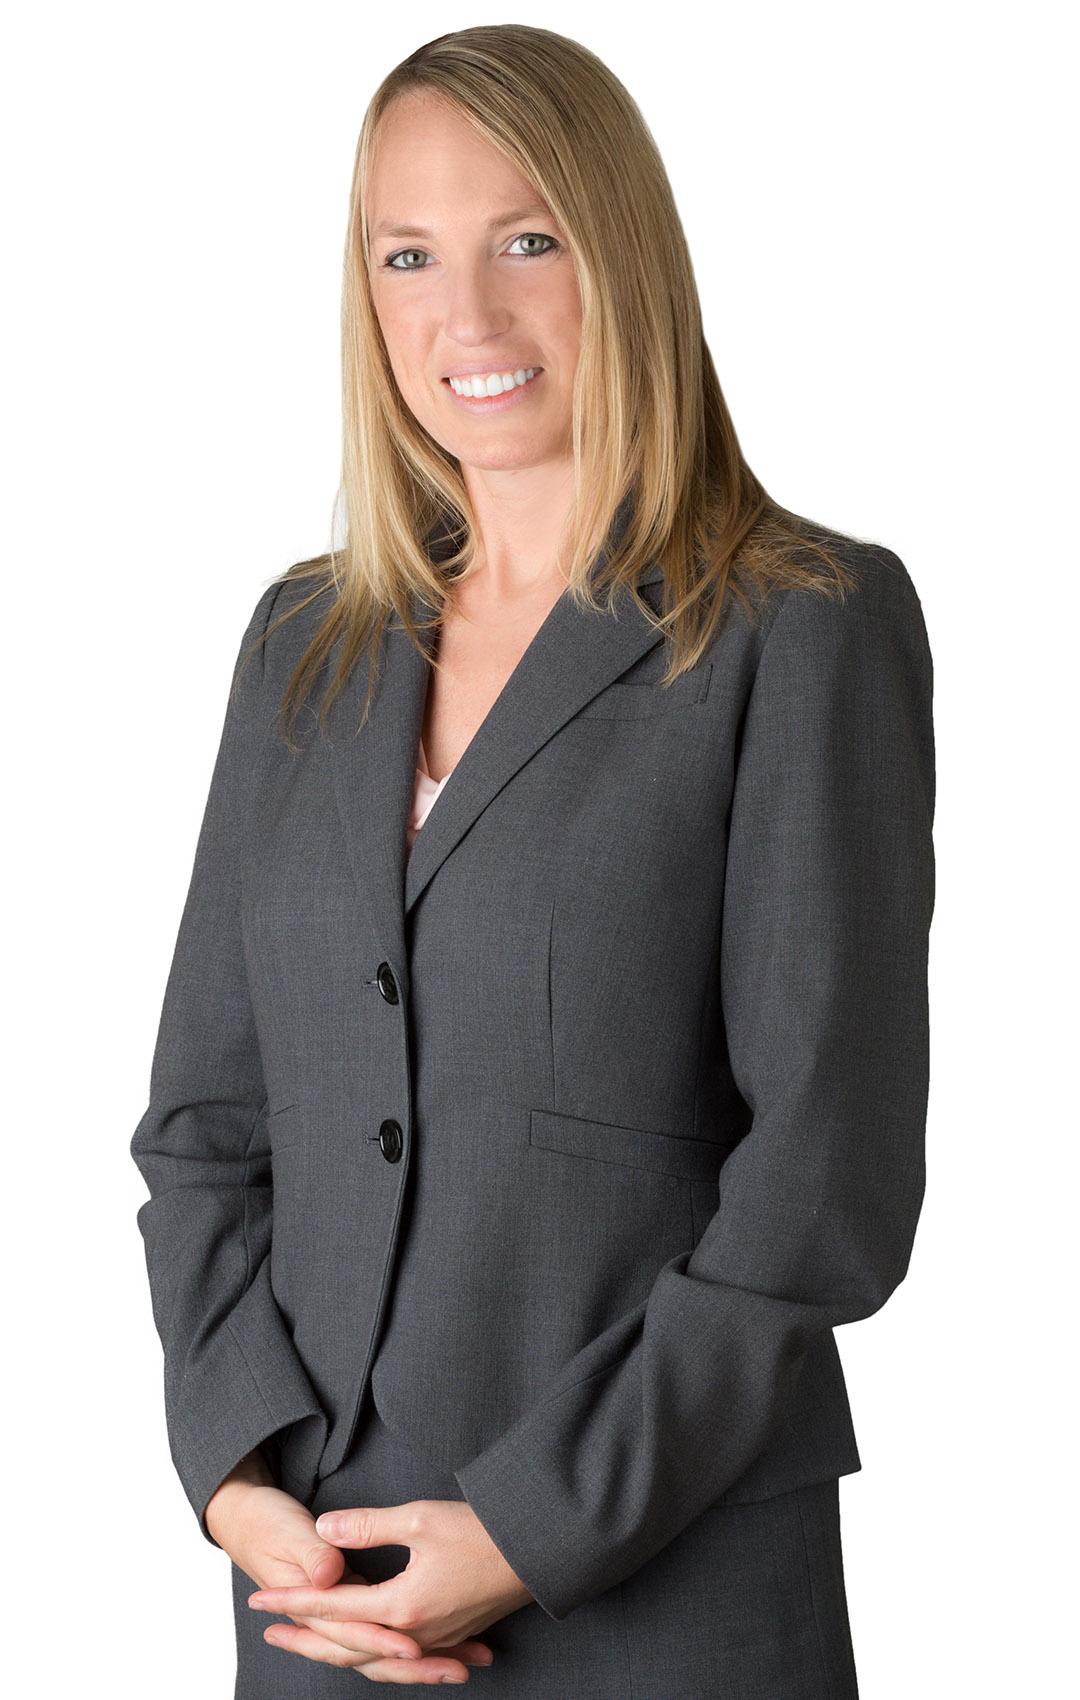 Lori B. Metrock